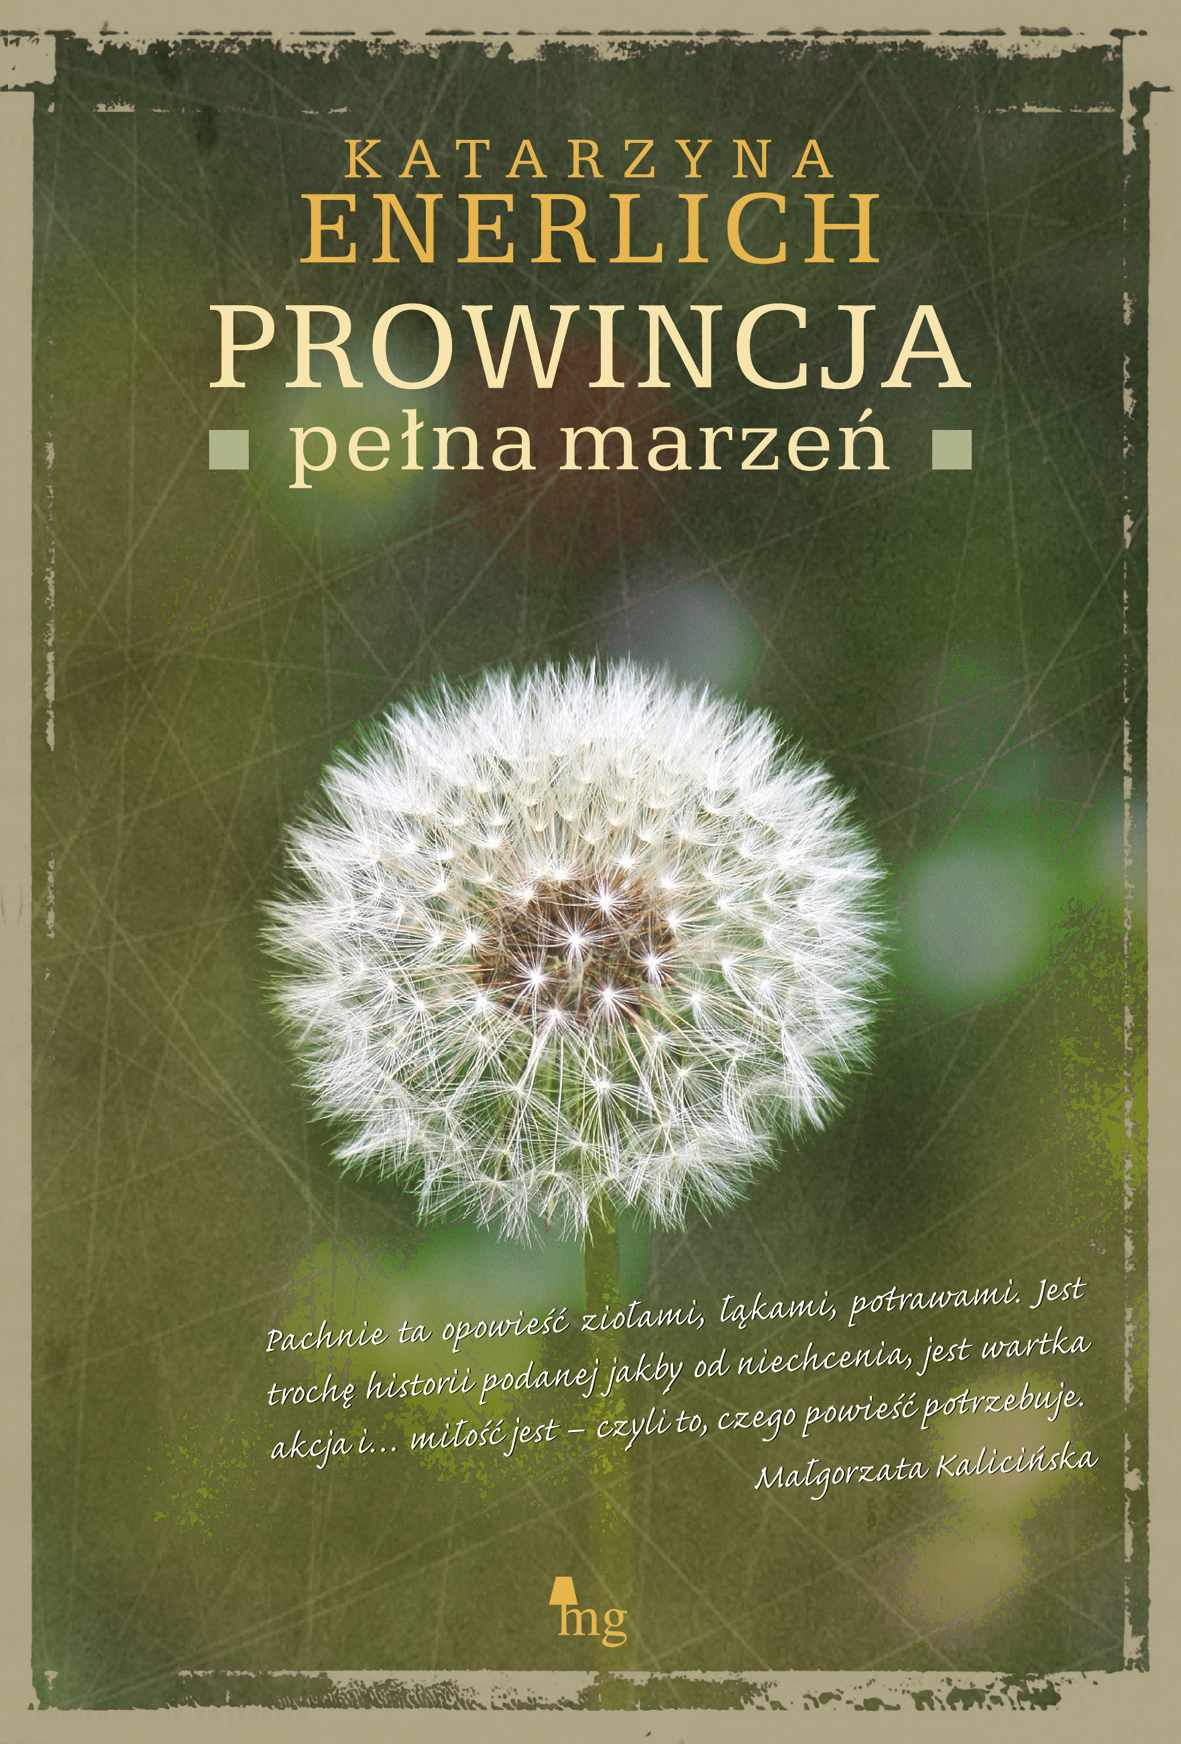 Prowincja pełna marzeń - Ebook (Książka EPUB) do pobrania w formacie EPUB